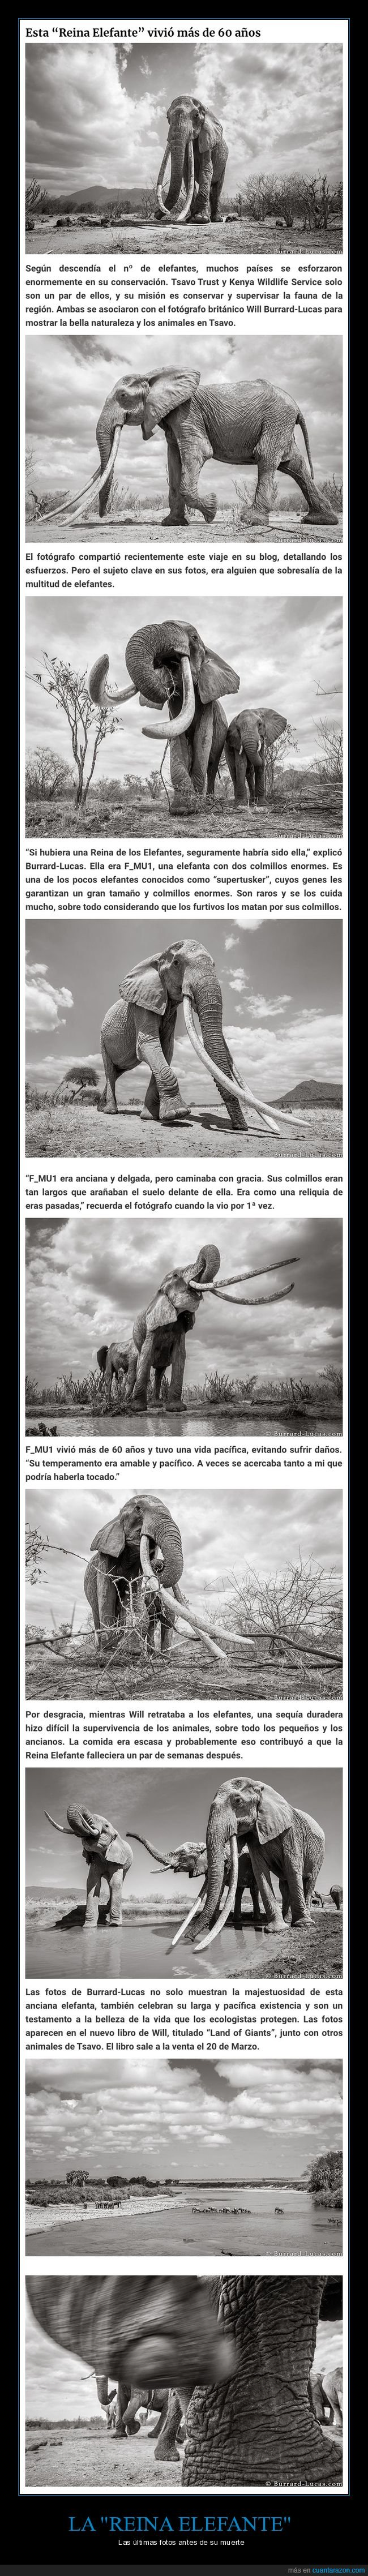 elefante,fotos,reina elefante